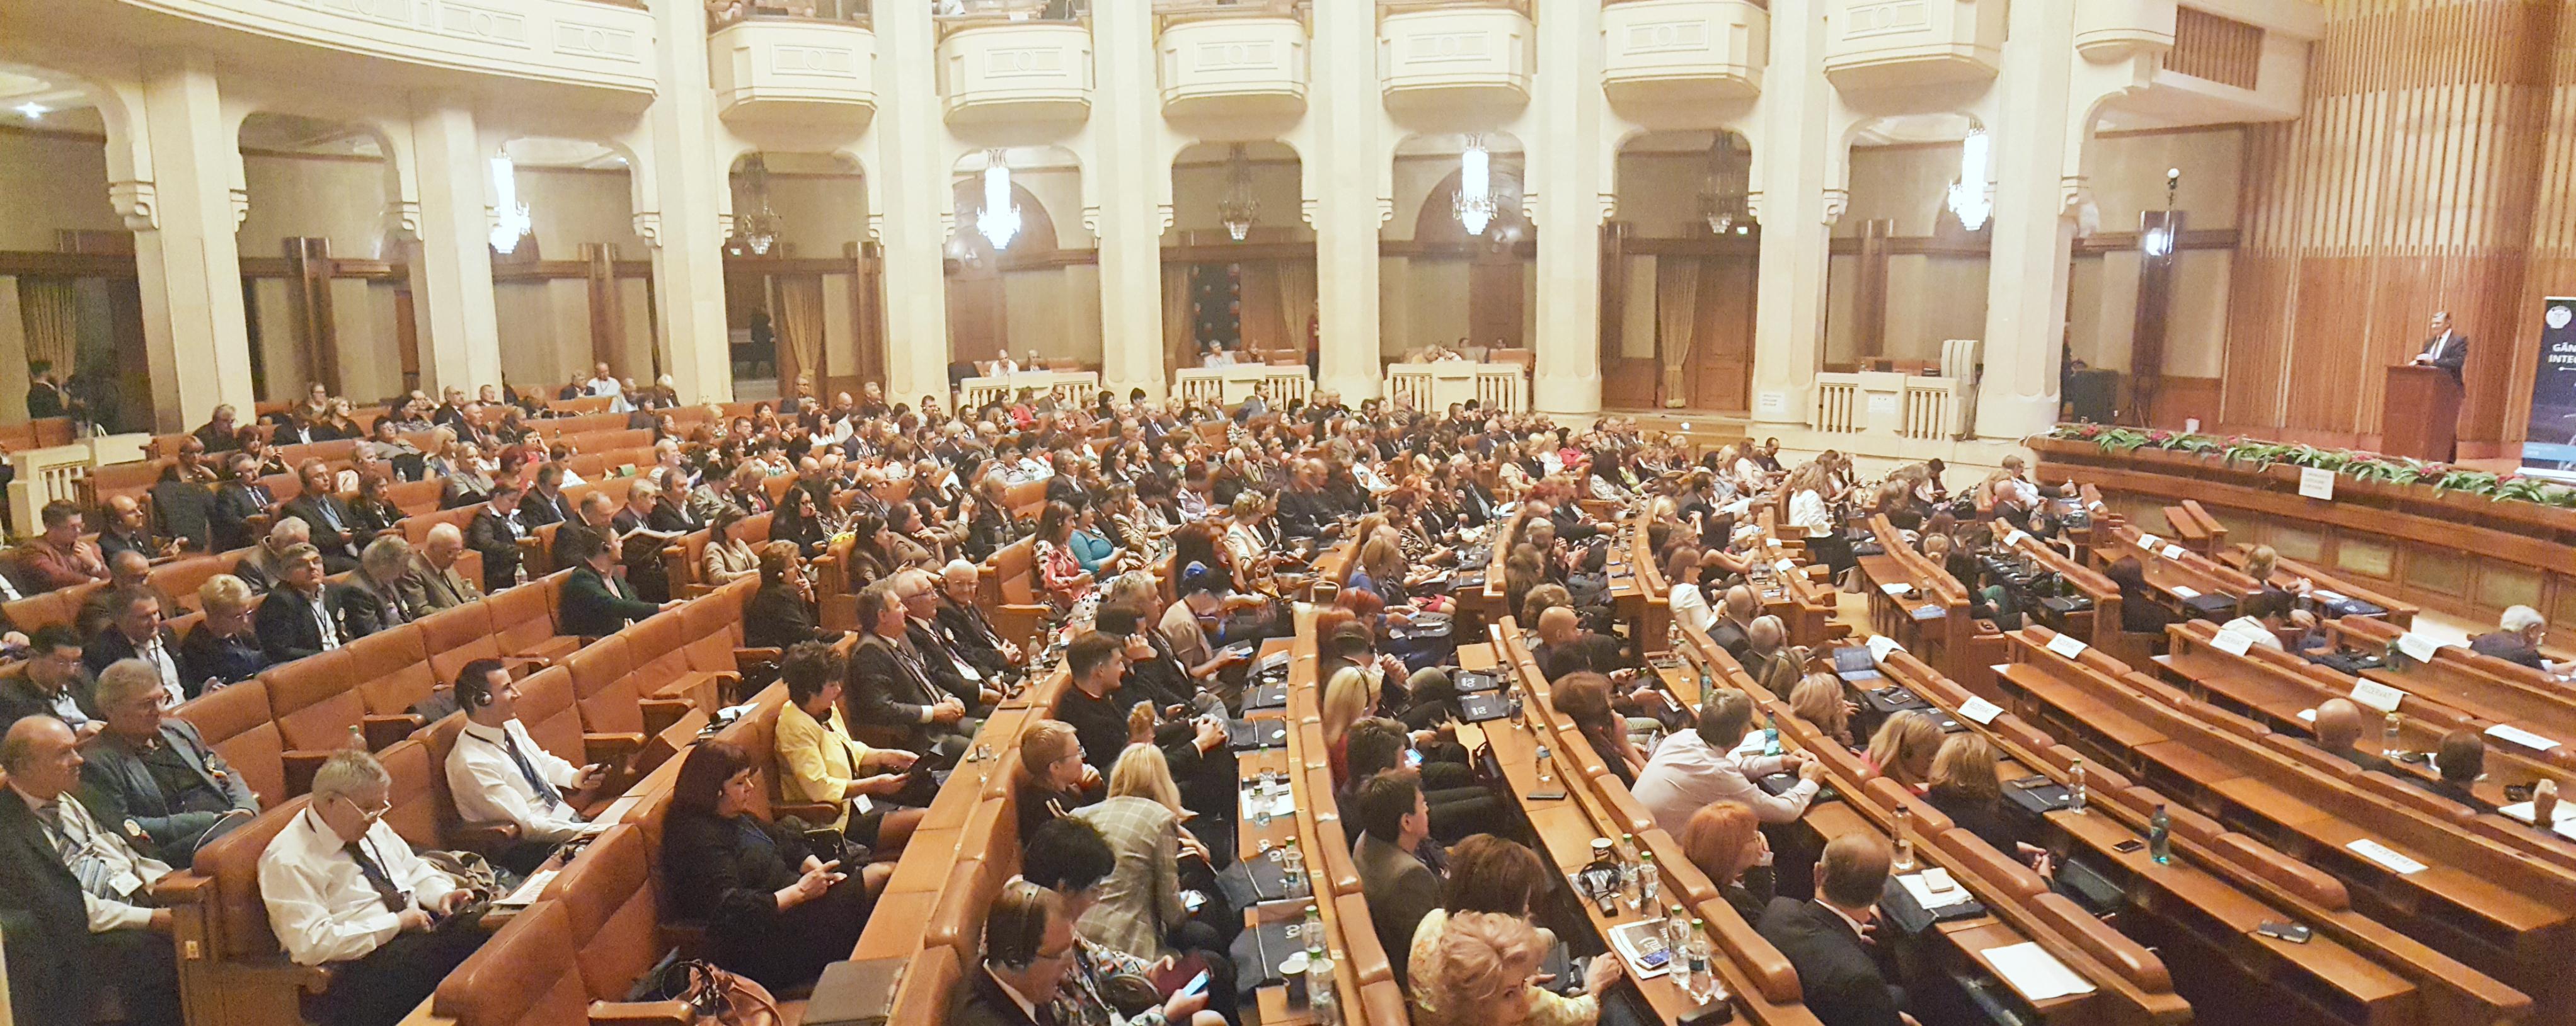 Congresul CECCAR 2018 - 2